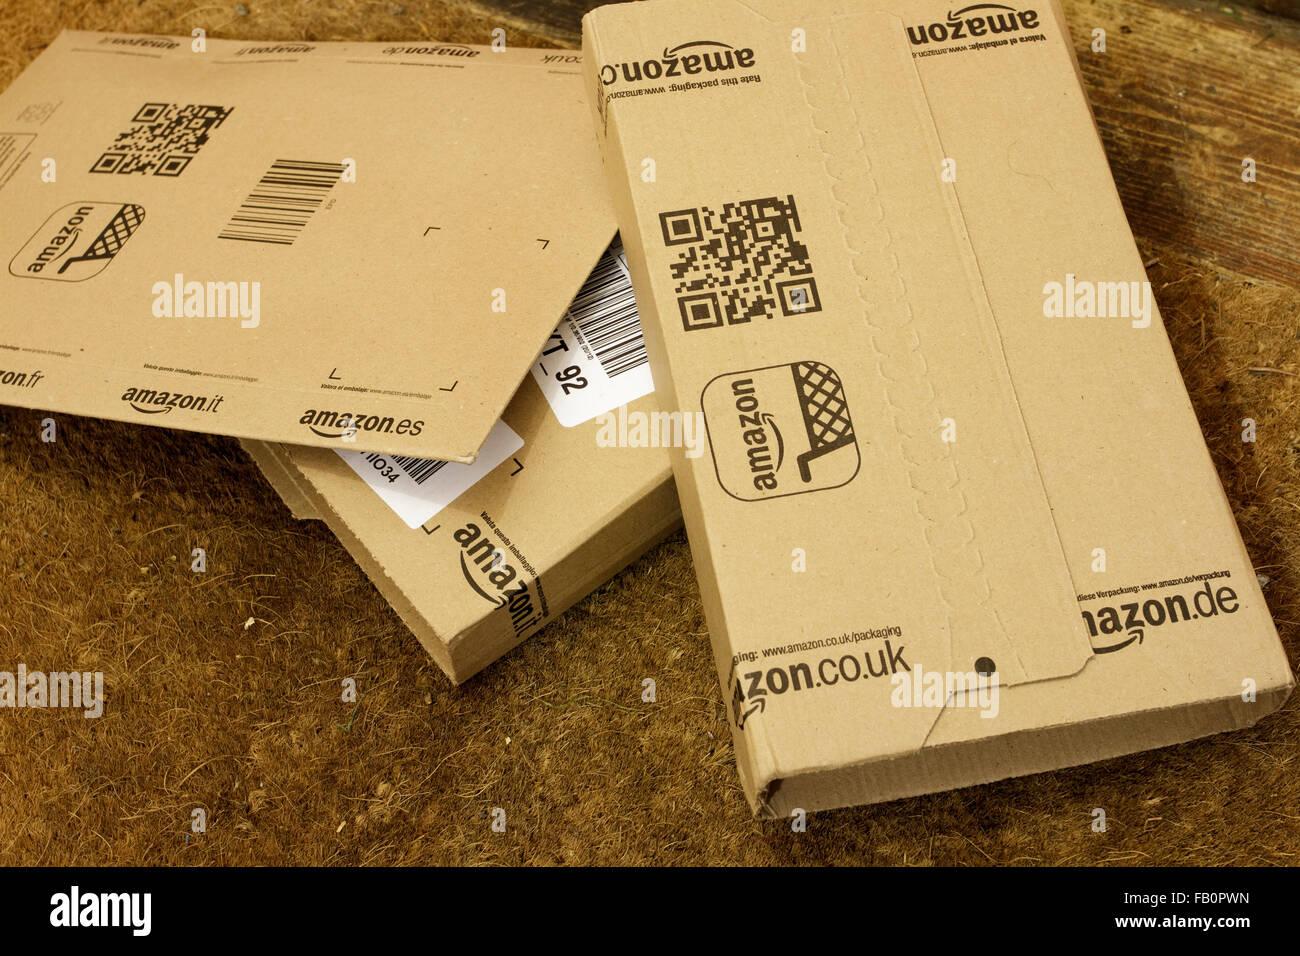 Amazon Lieferung Kisten auf dem Boden durch die Vordertür des Hauses in England, UK Stockbild